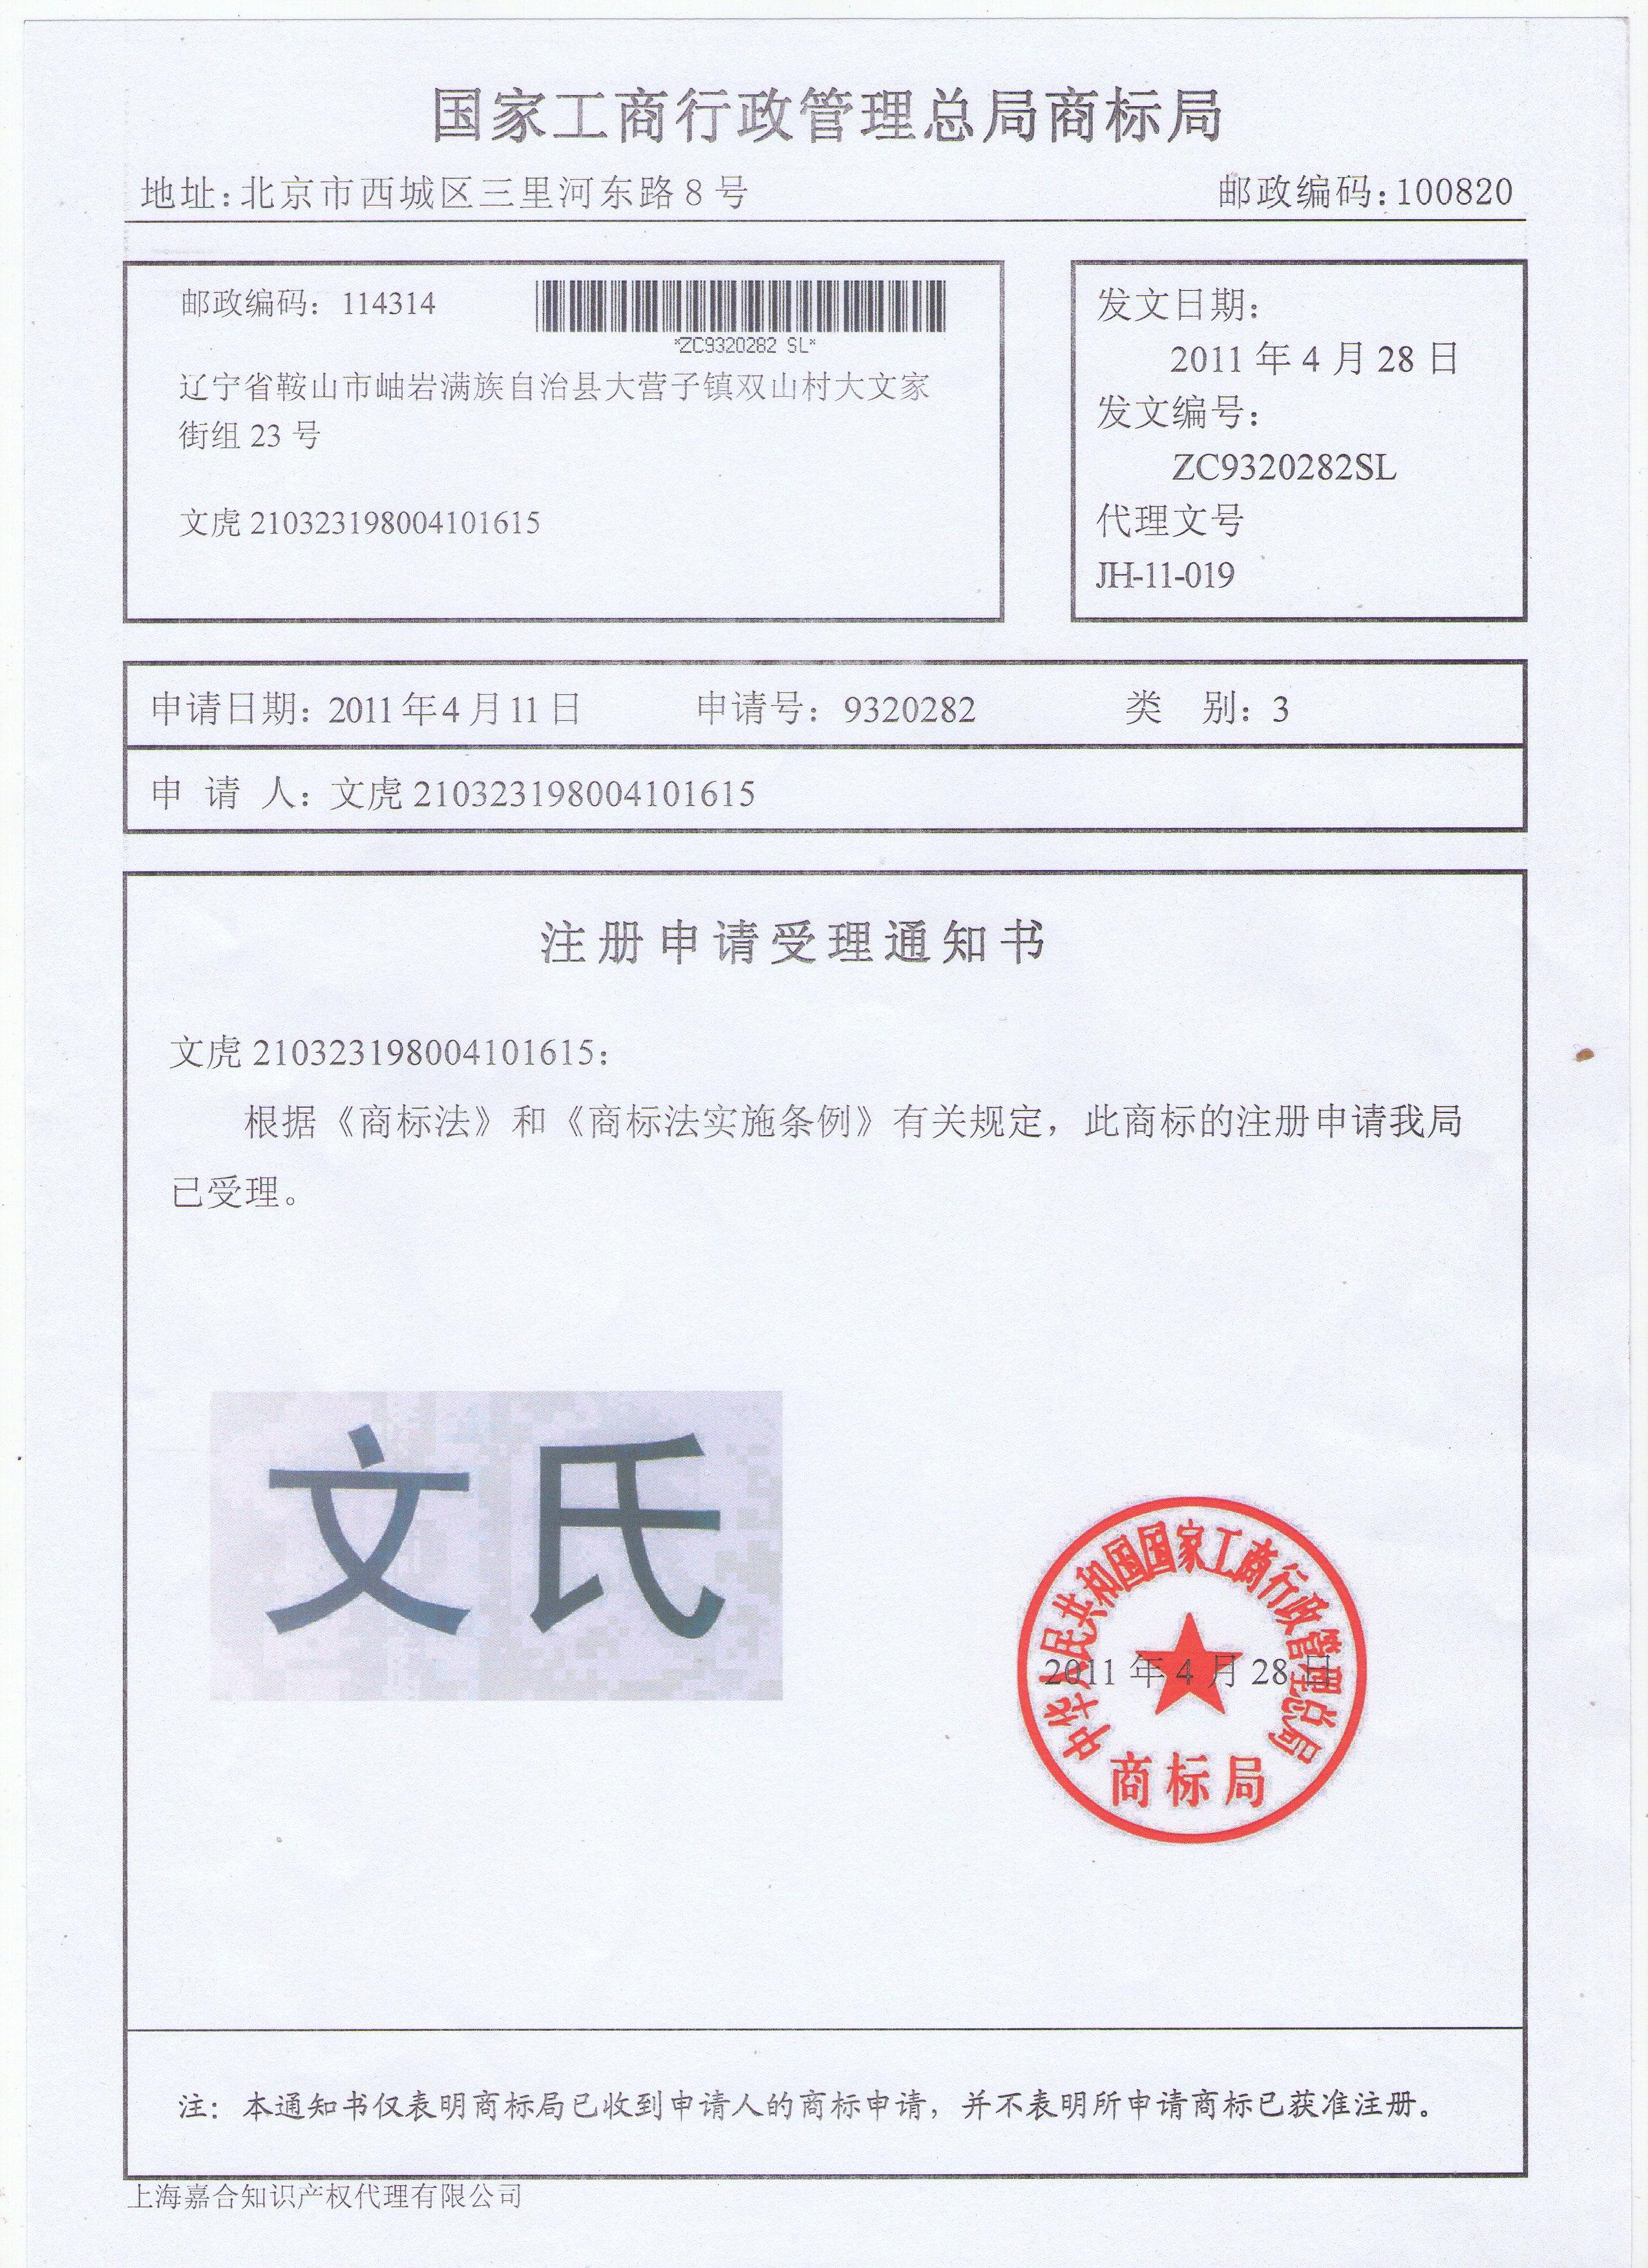 上海公司的积分怎么查_上海专业查人公司_上海私人侦探公司查址